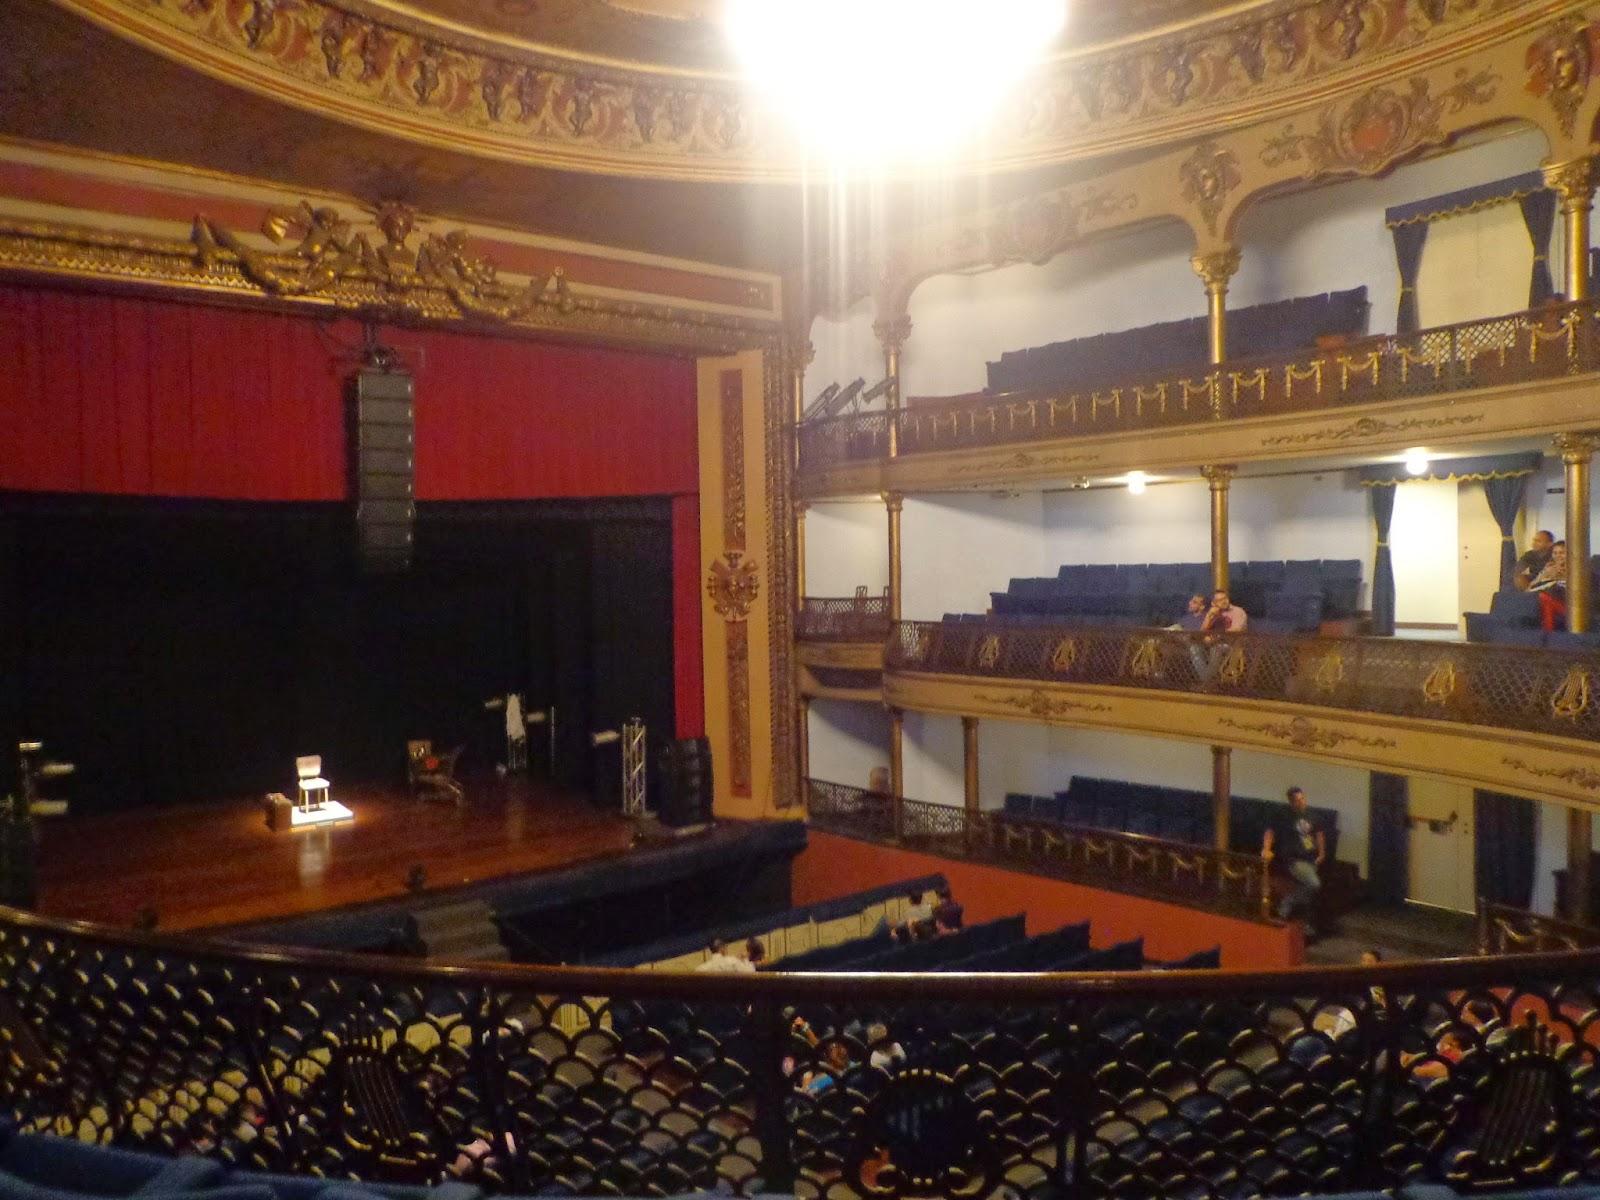 Daniel_cordova_viva_el_teatro_viva_el_arte